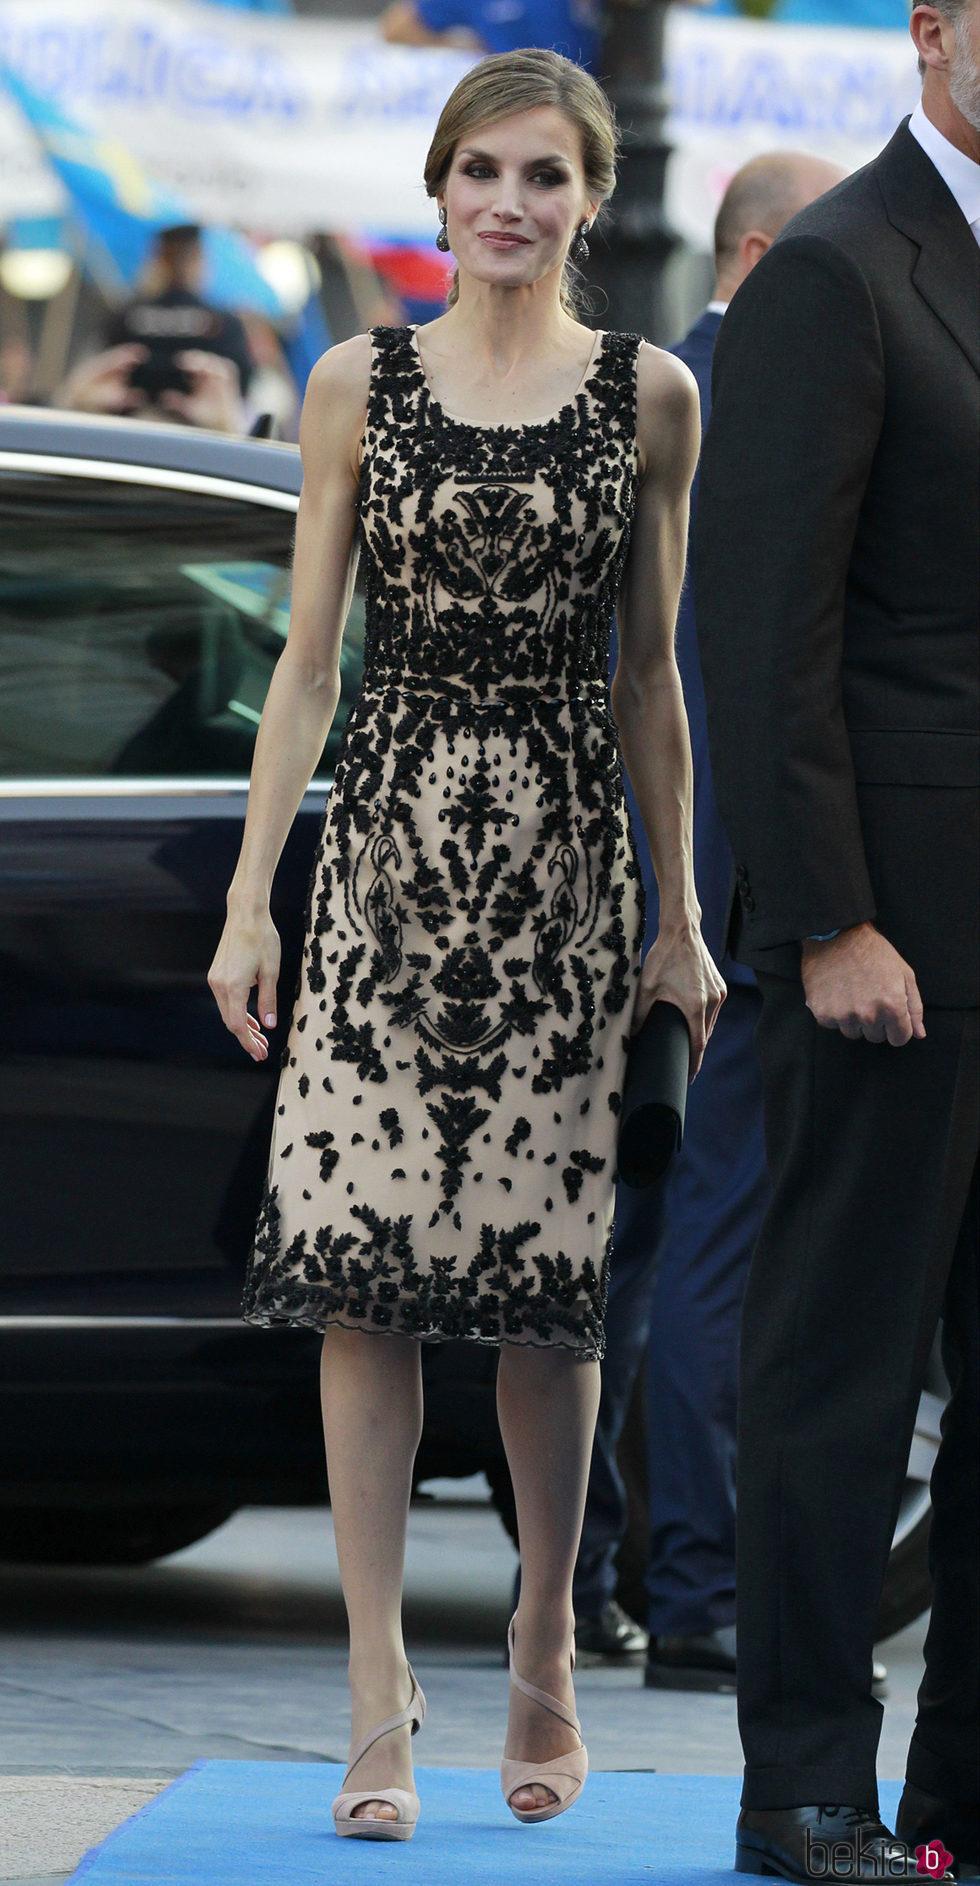 La reina Letizia, rojo y negro en los Premios Princesa de